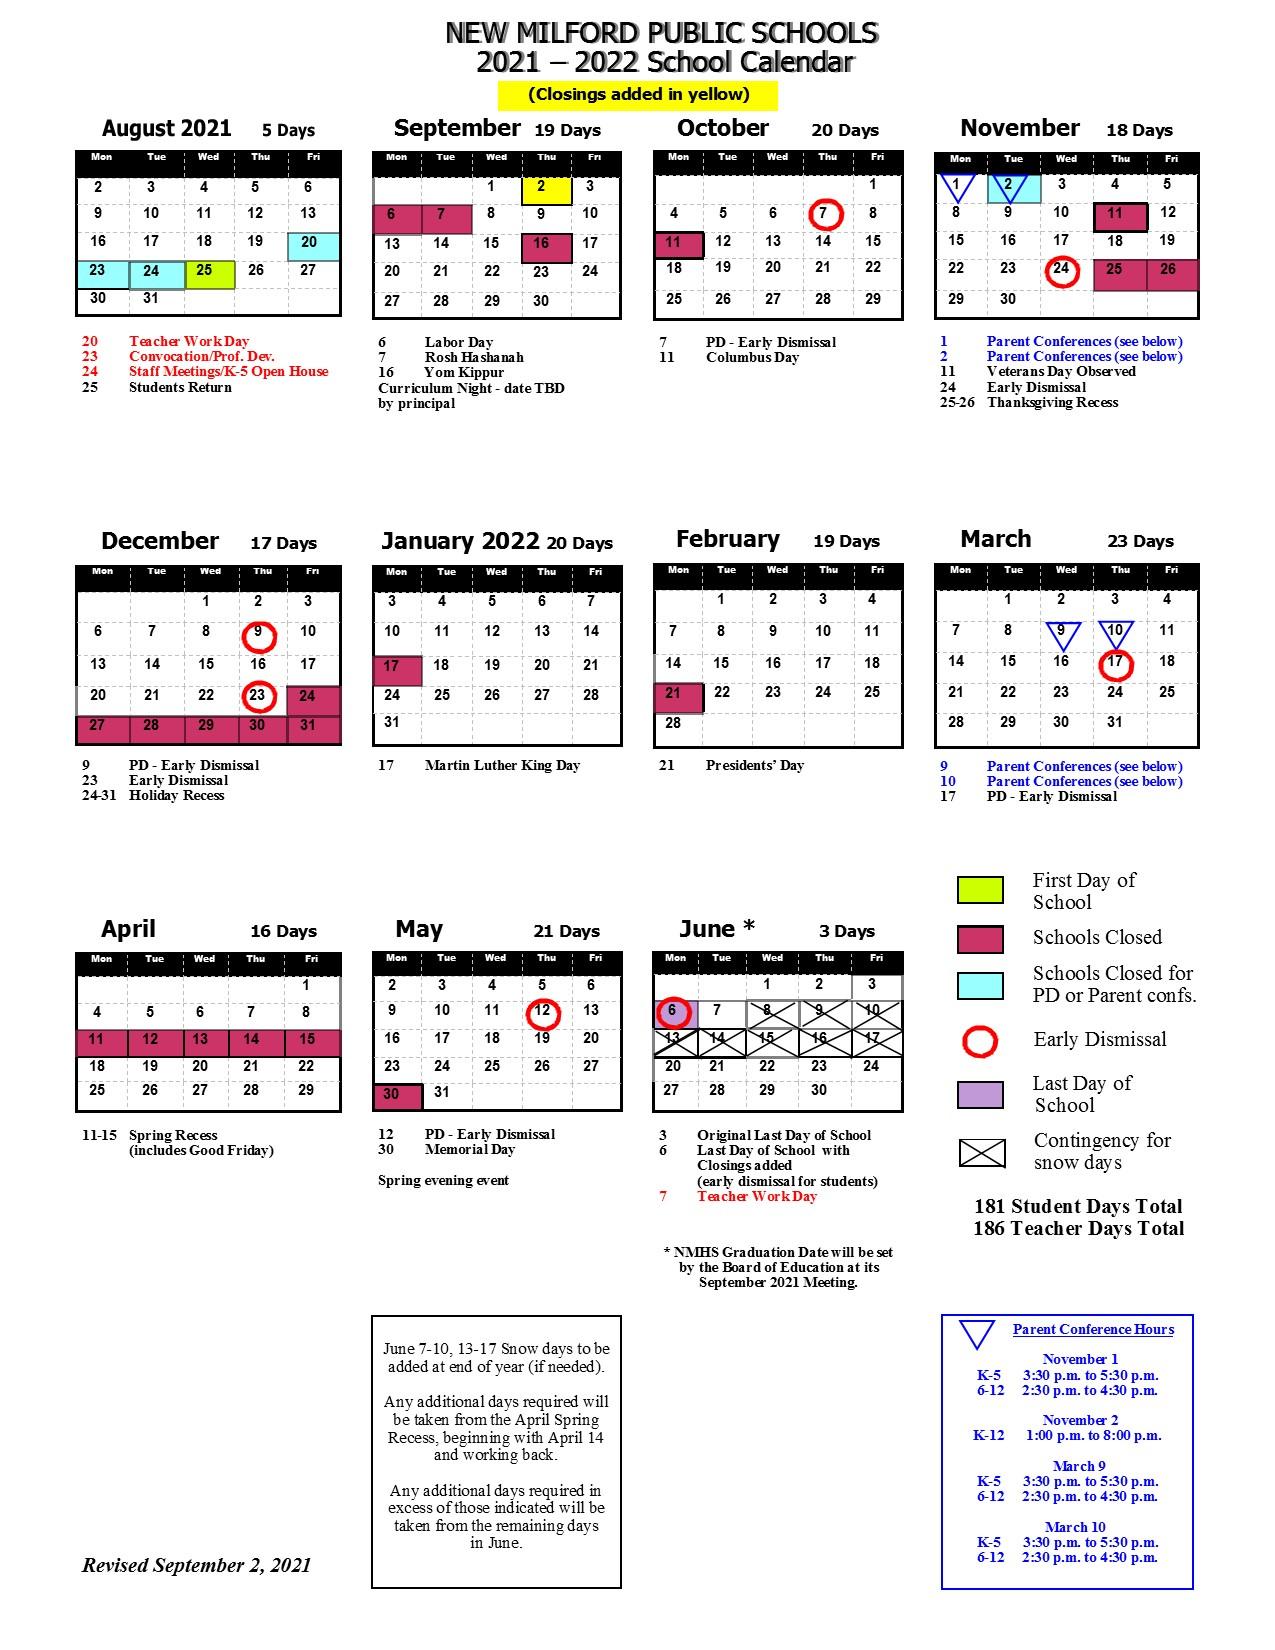 21-22 district calendar revised Sept 2, 2021